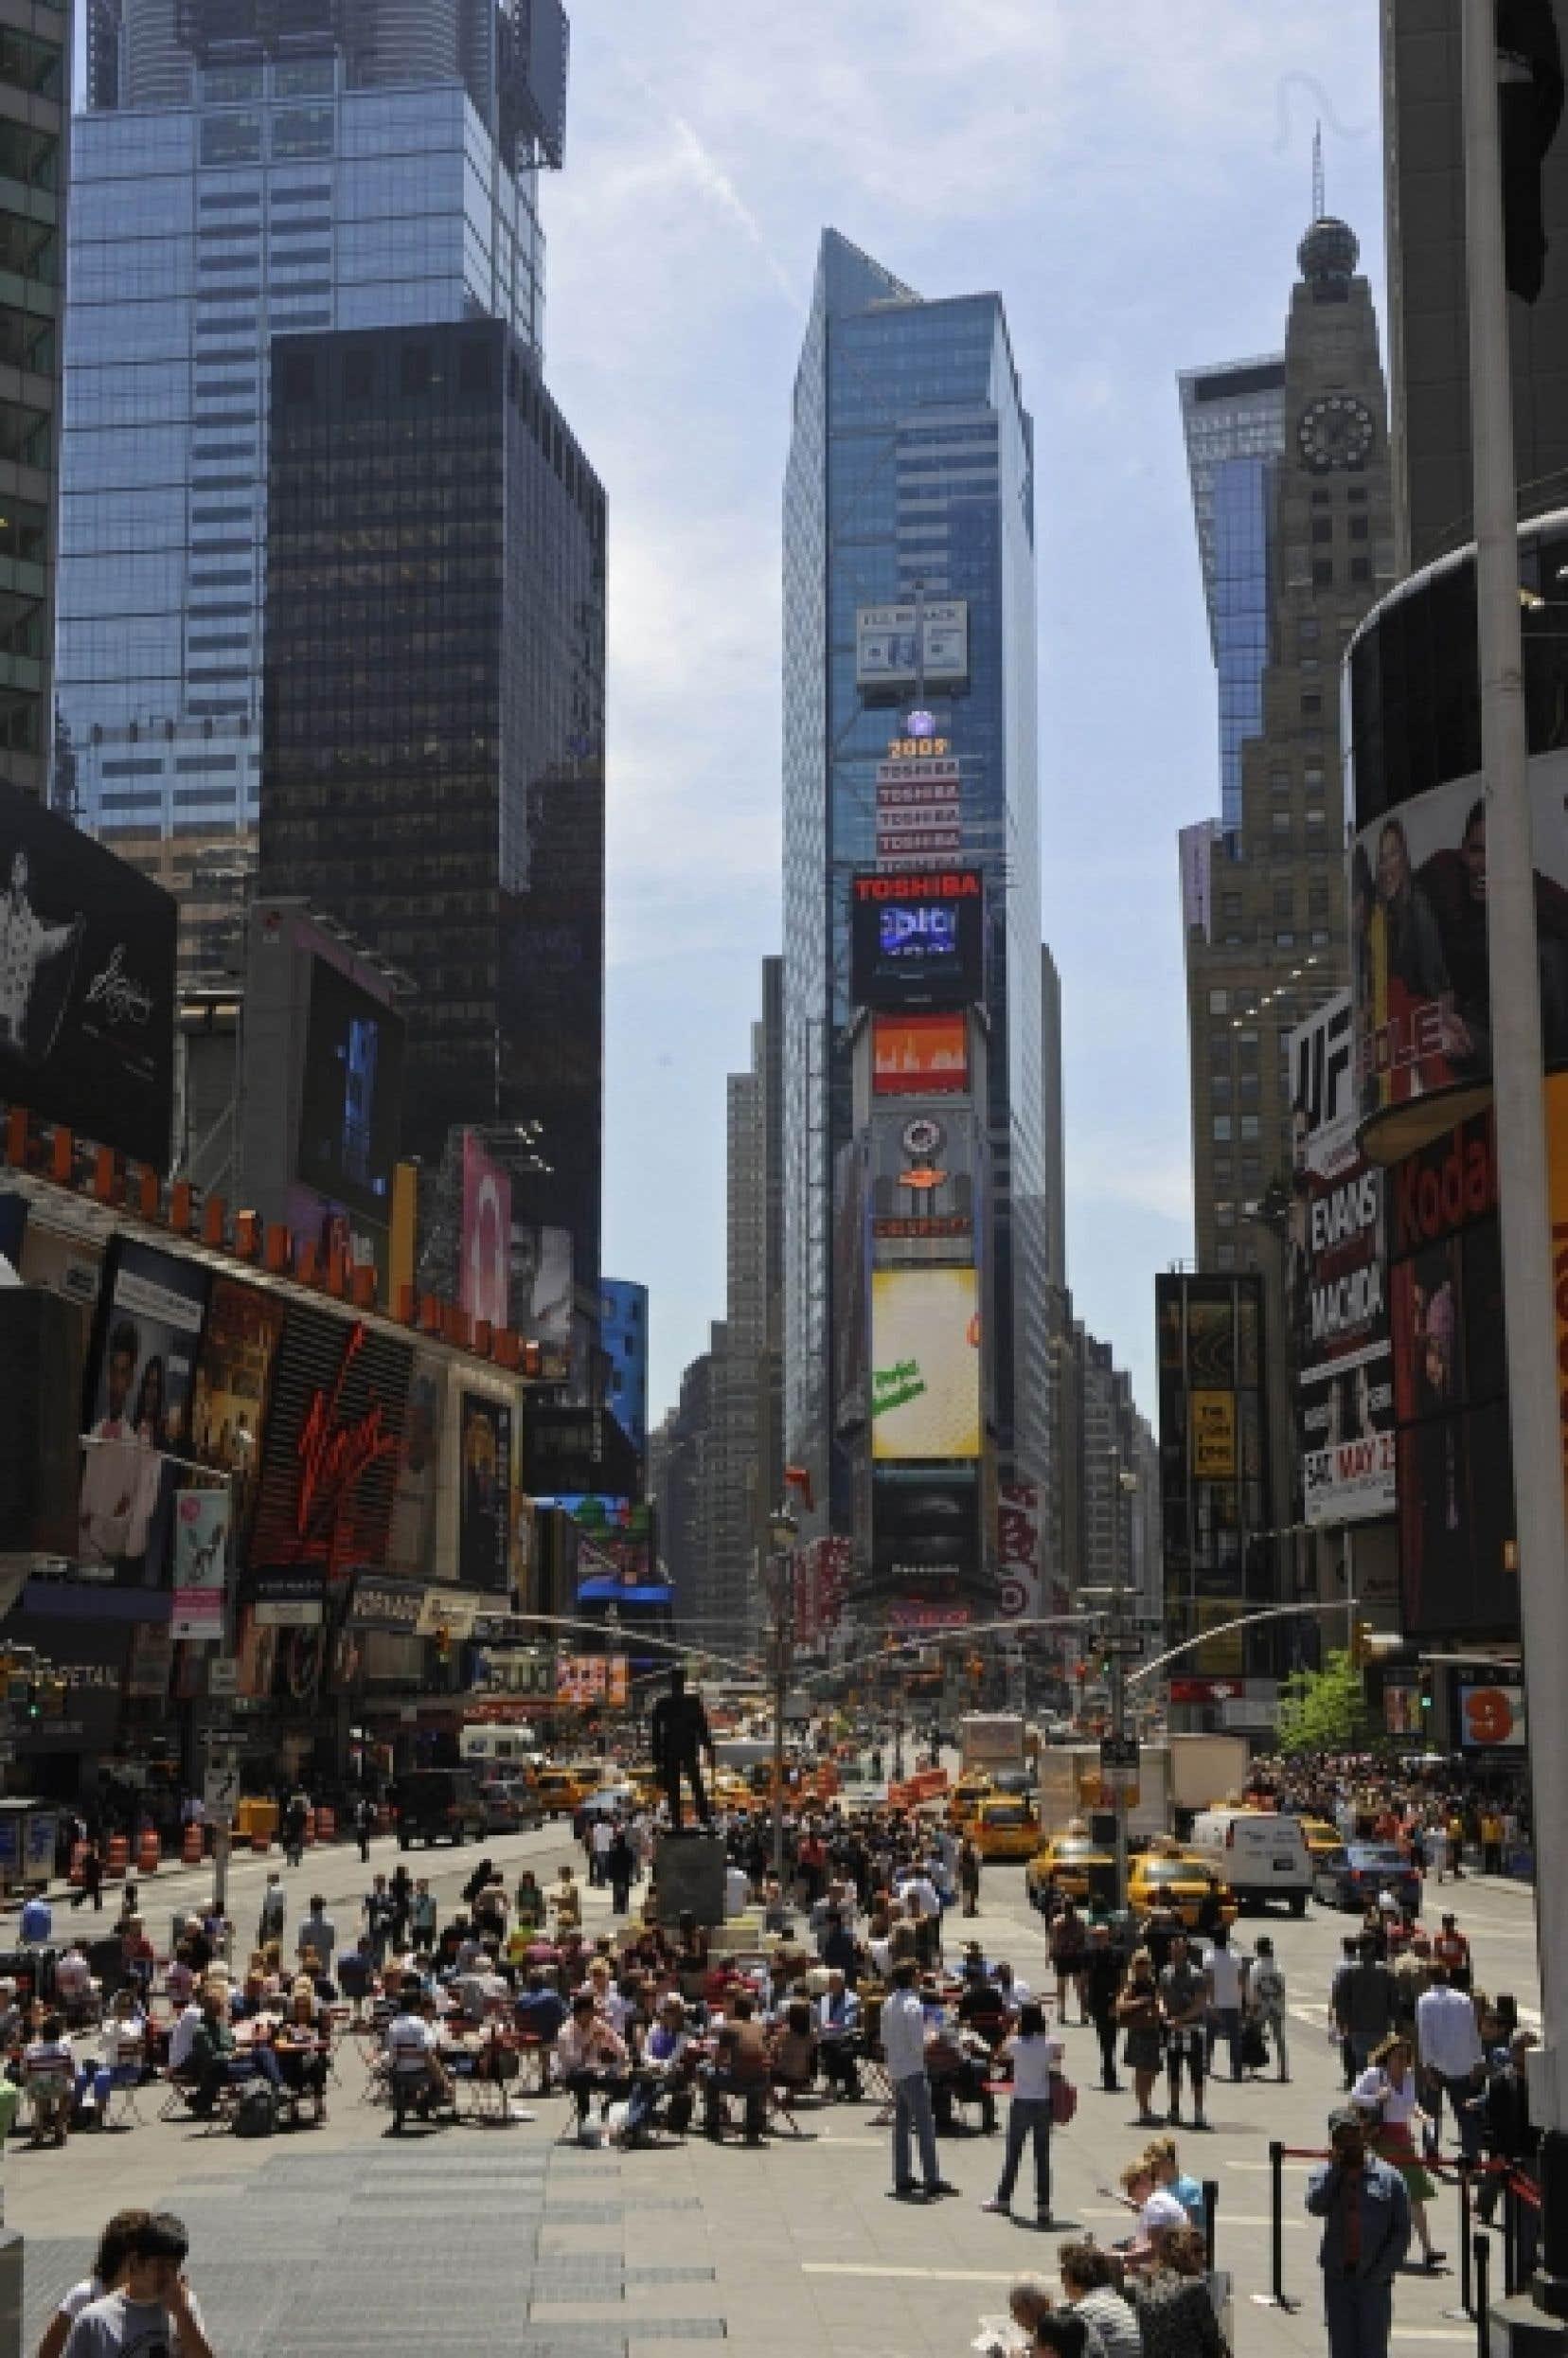 Une partie du fameux Times Square de New York.